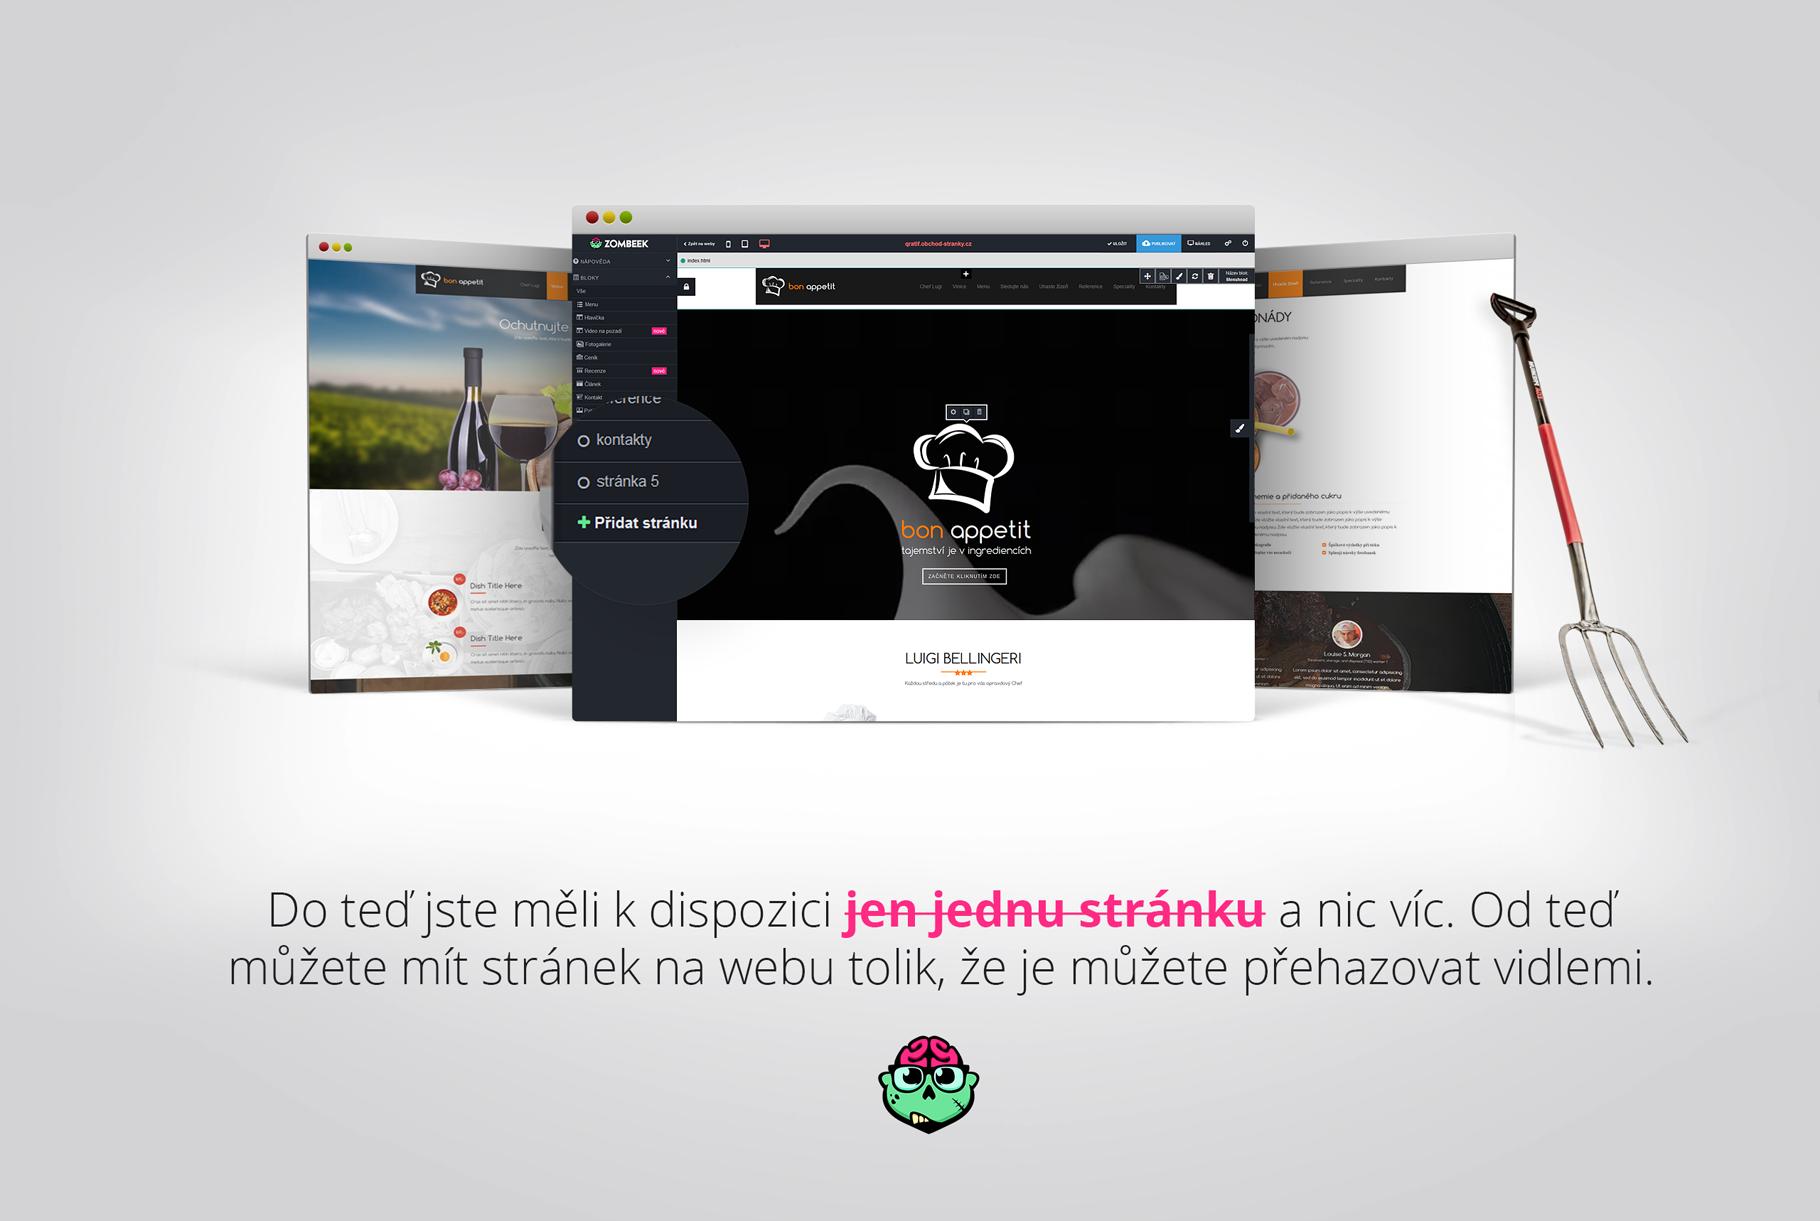 Tipy pro web